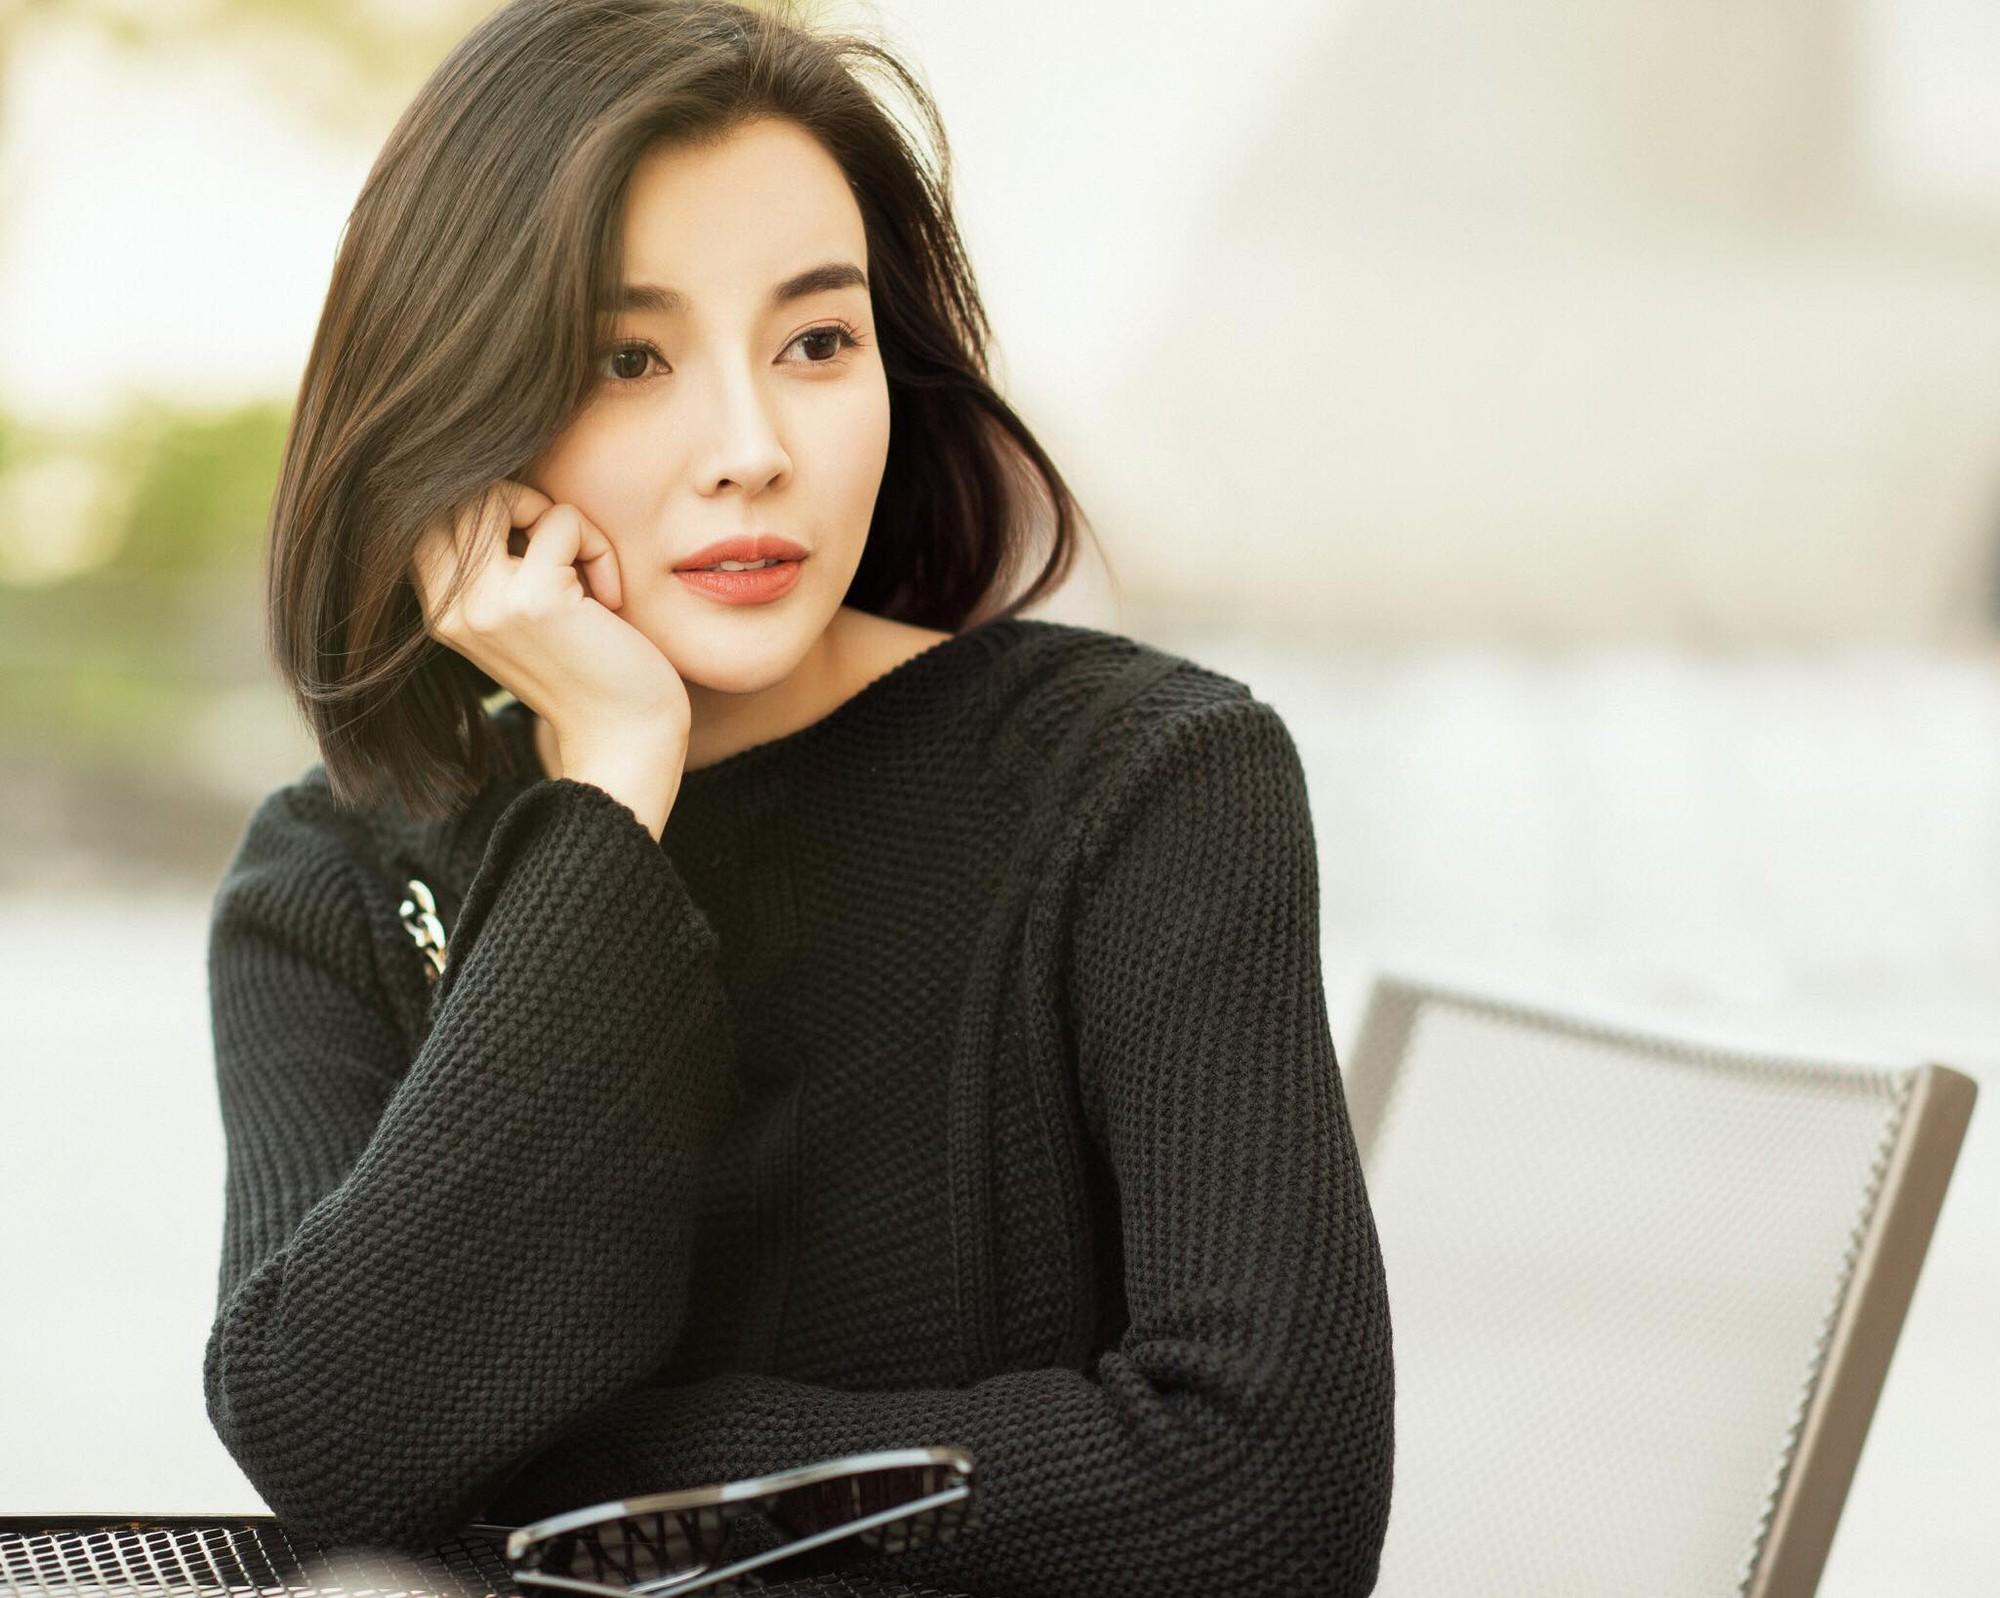 Nữ phụ Hậu duệ Mặt trời Cao Thái Hà: Tôi được mời cast vai bác sĩ chứ không phải trung úy  - Ảnh 6.